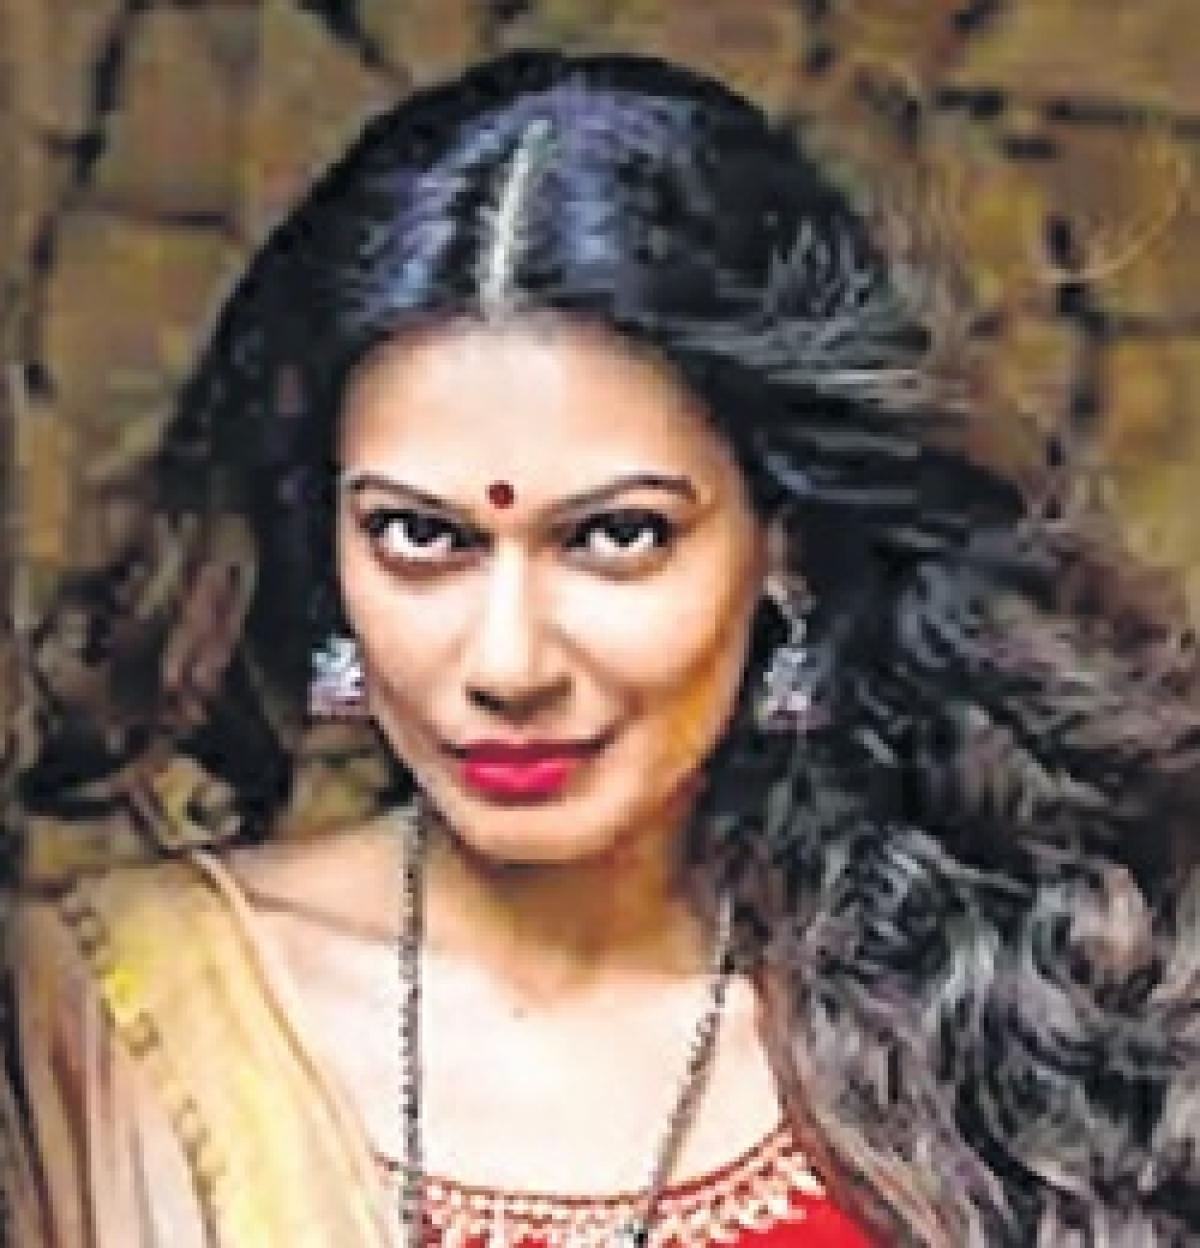 Actor stokes 'Sati'fire on Twitter